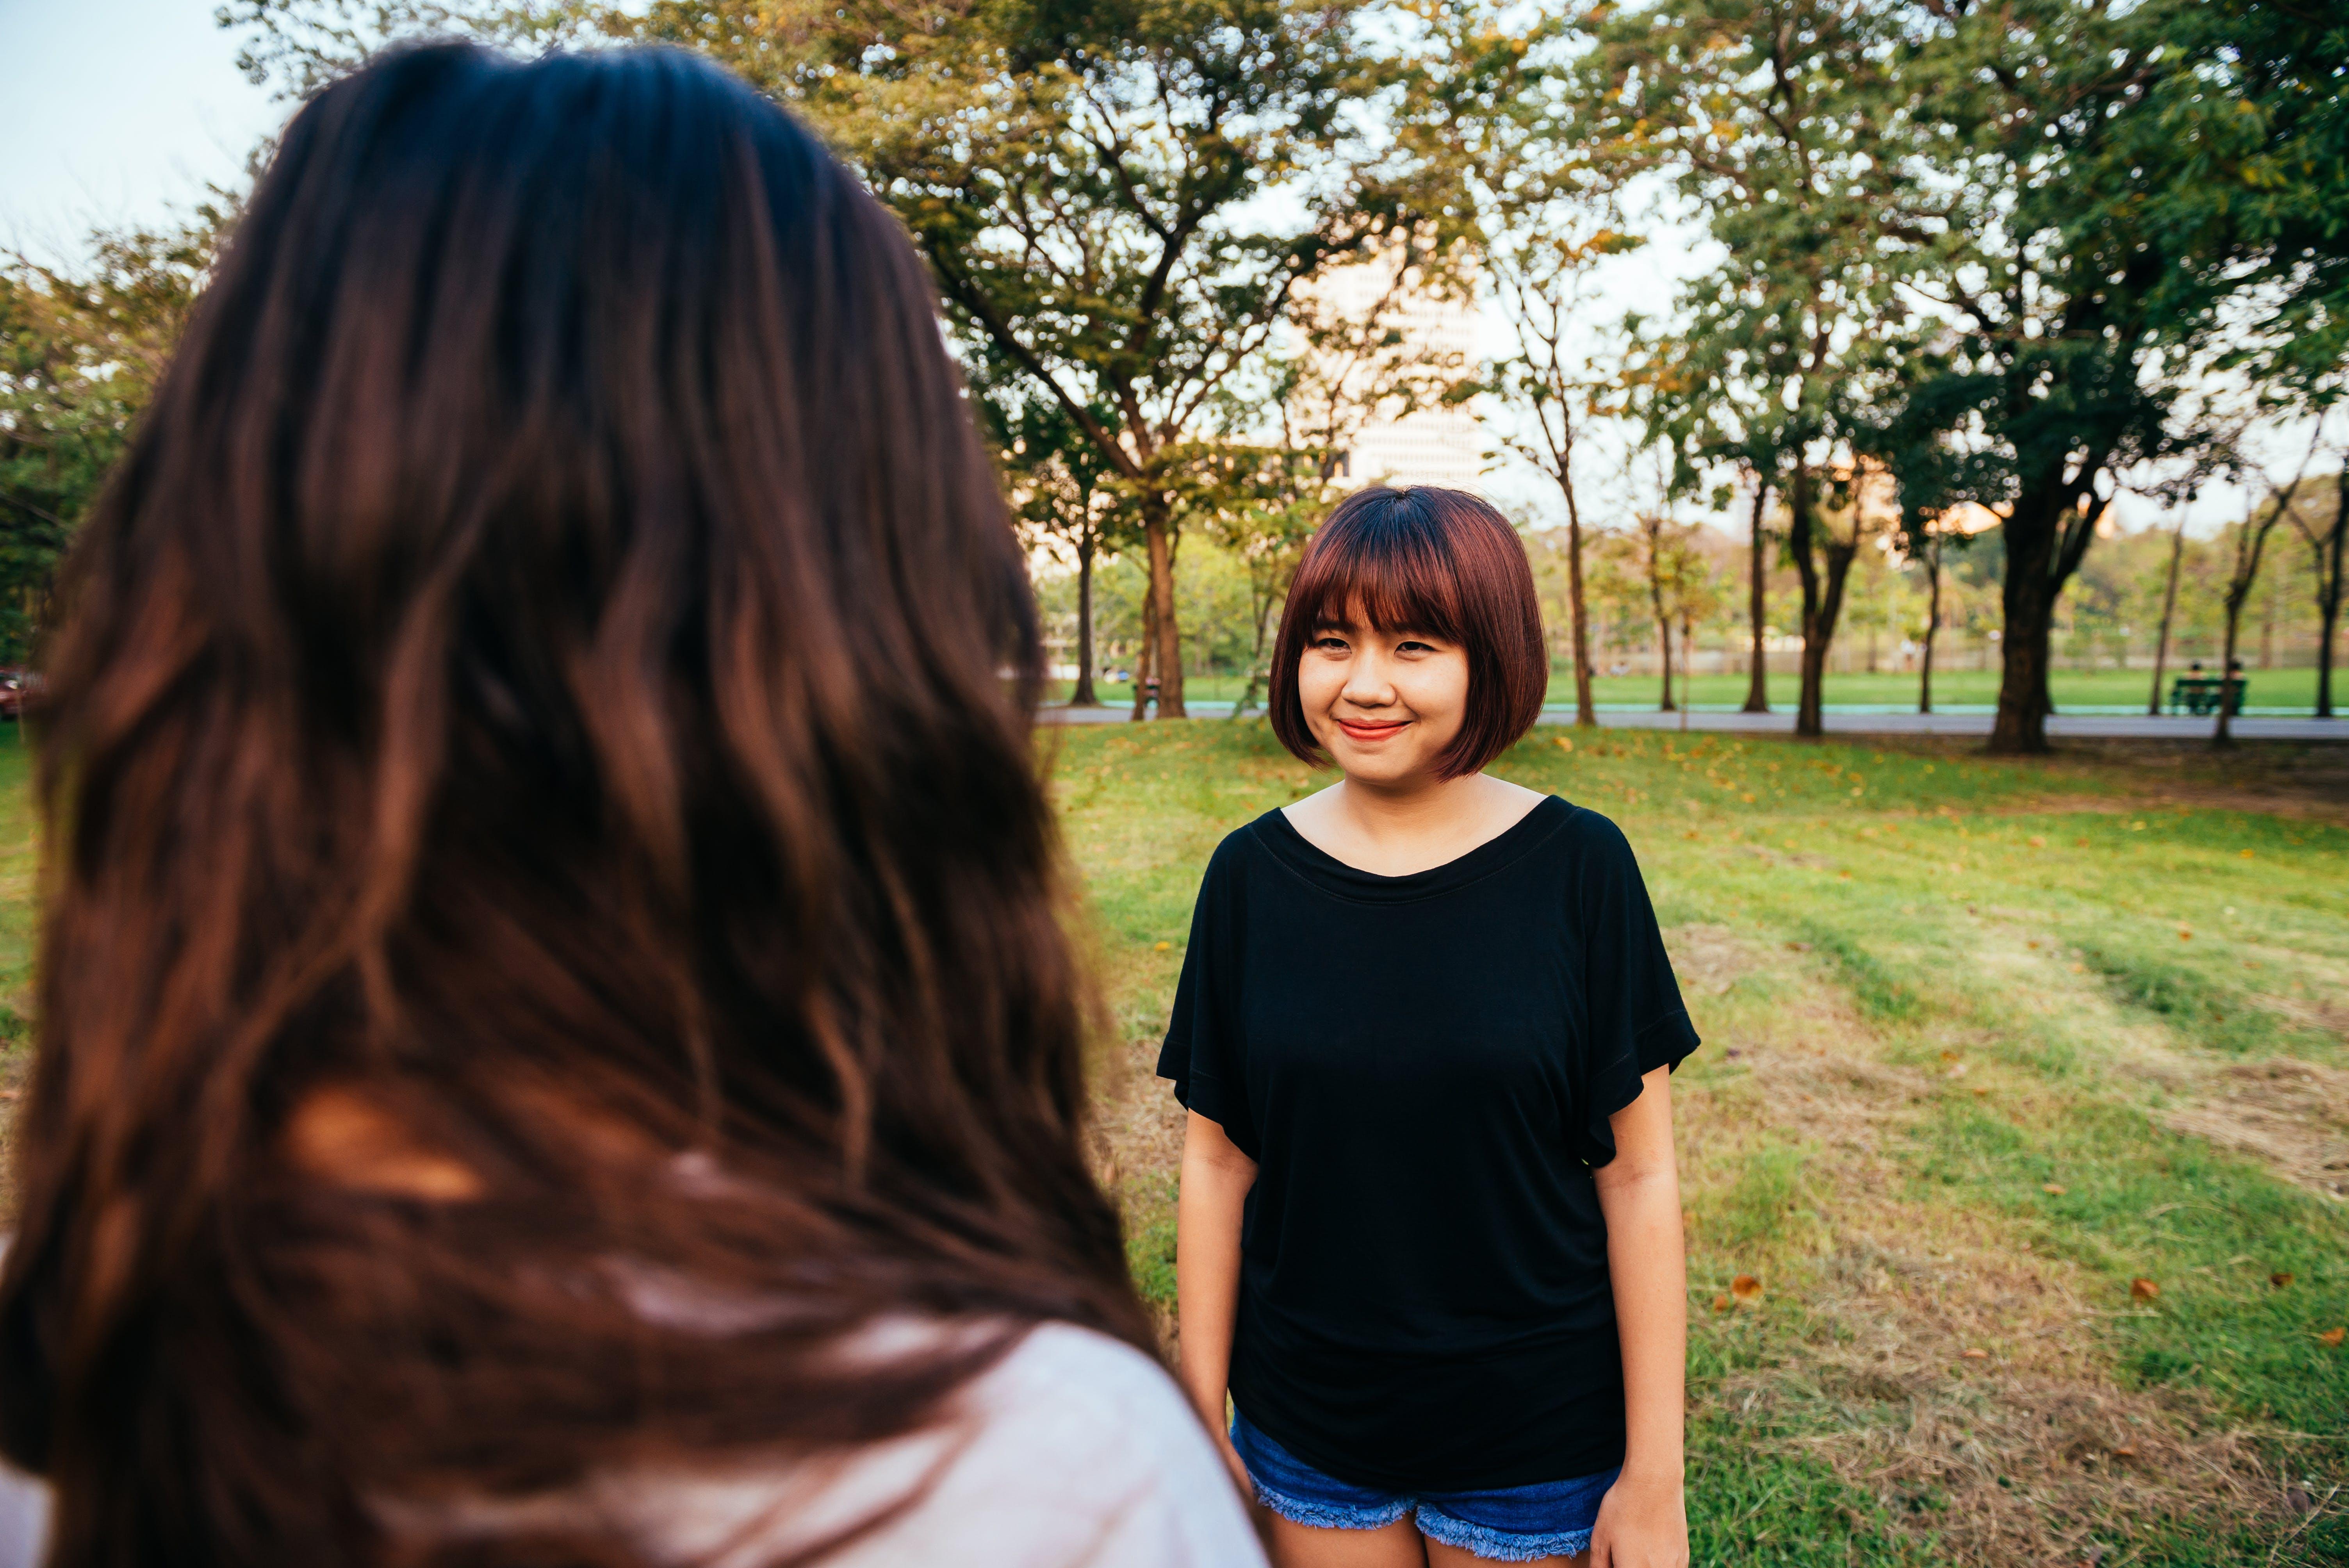 คลังภาพถ่ายฟรี ของ ต้นไม้, ทางเดินปูพื้น, ผู้คน, ผู้หญิงเอเชีย